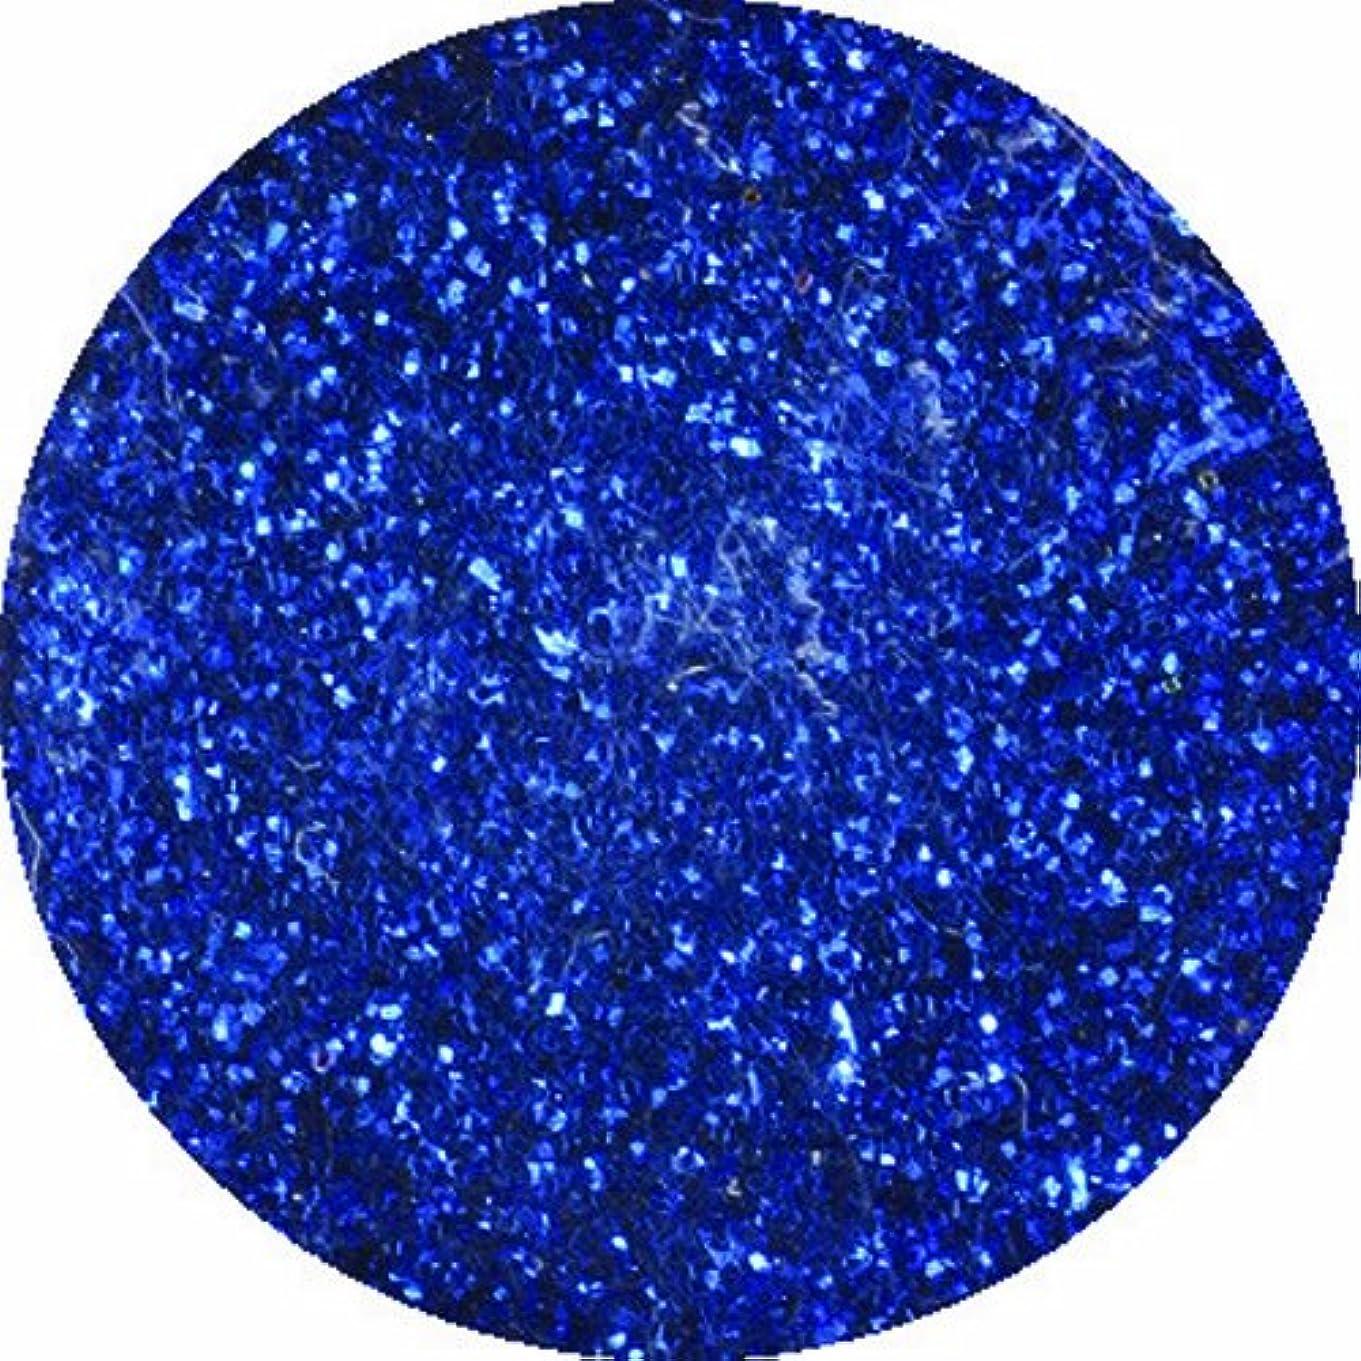 汚す聖なる感度ビューティーネイラー ネイル用パウダー 黒崎えり子 ジュエリーコレクション ブルー0.05mm